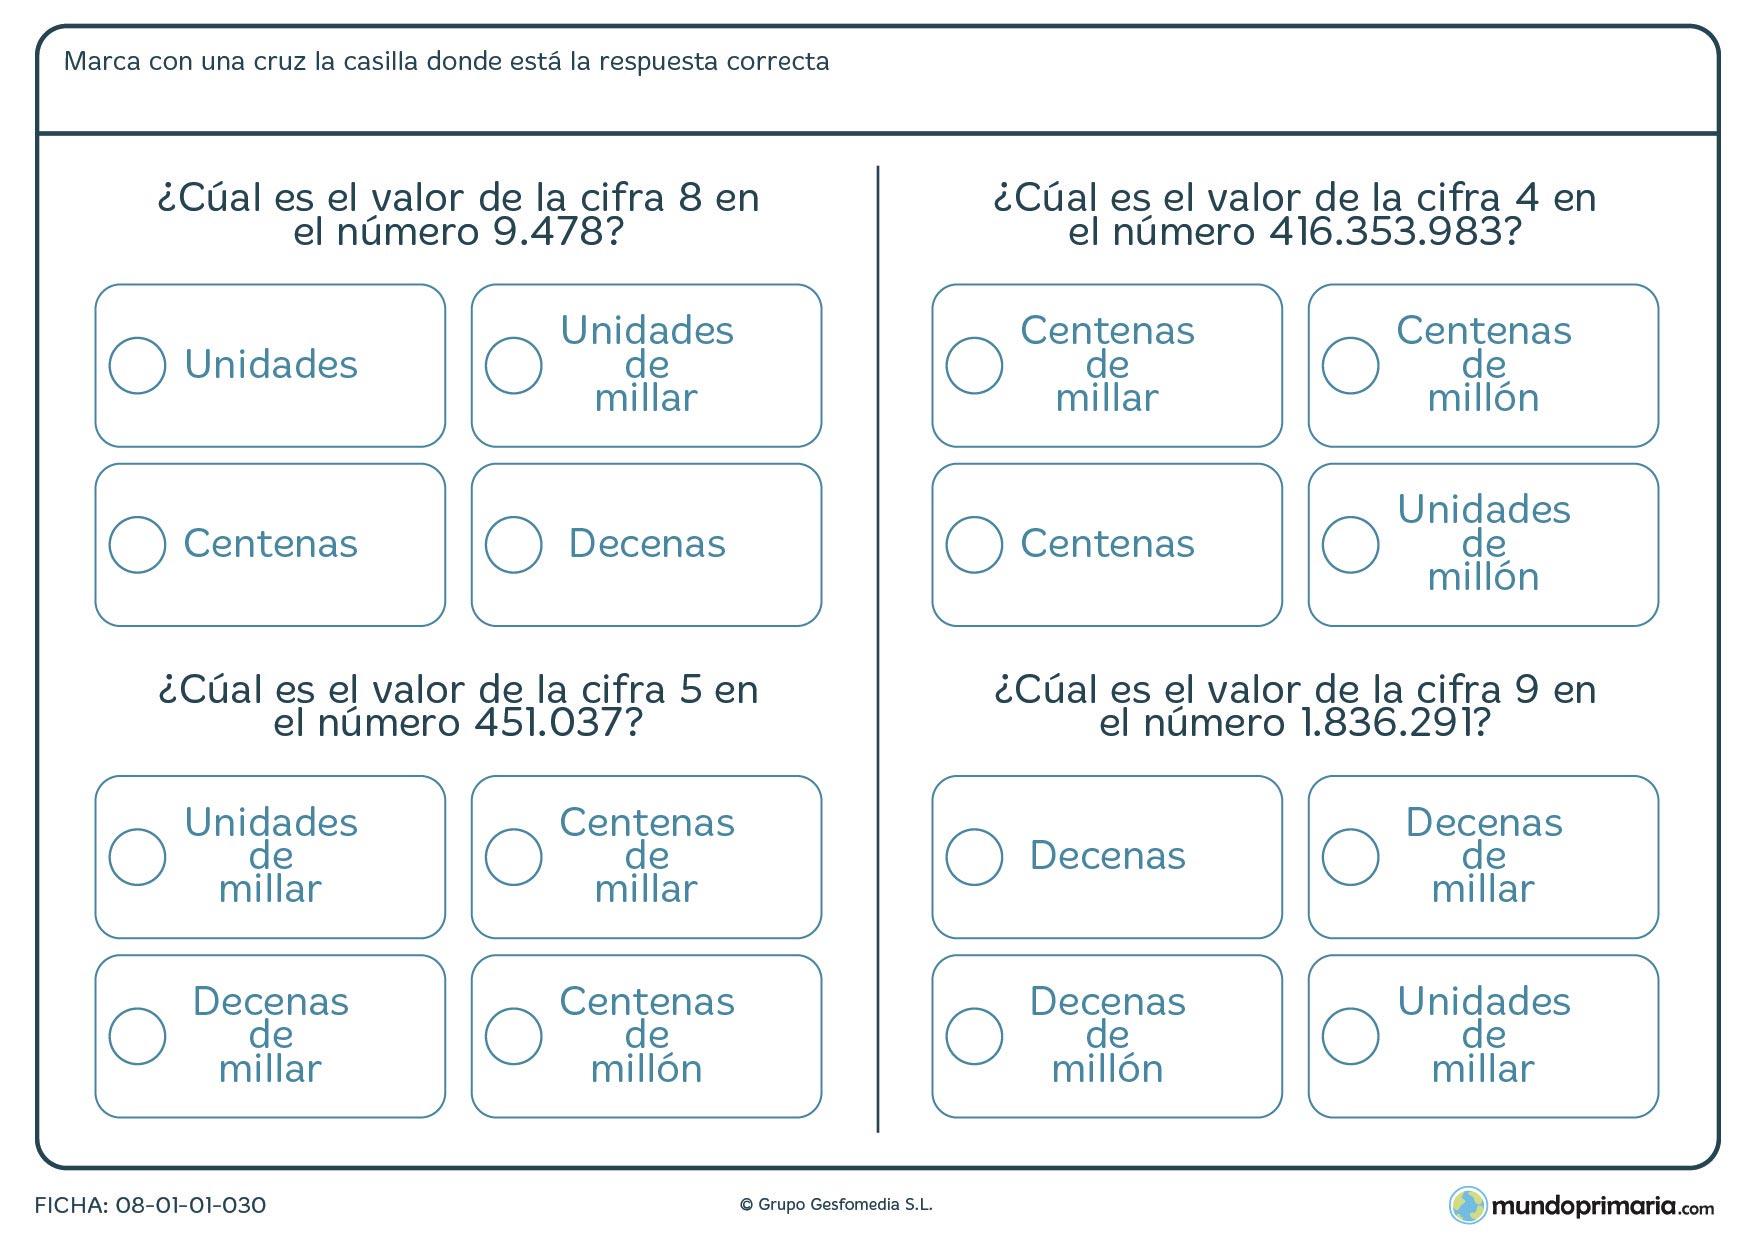 Ficha de valor, en un número grande, de una cifra que te indicamos y en la que habrás de marcar la respuesta correcta entre 4 posibles.